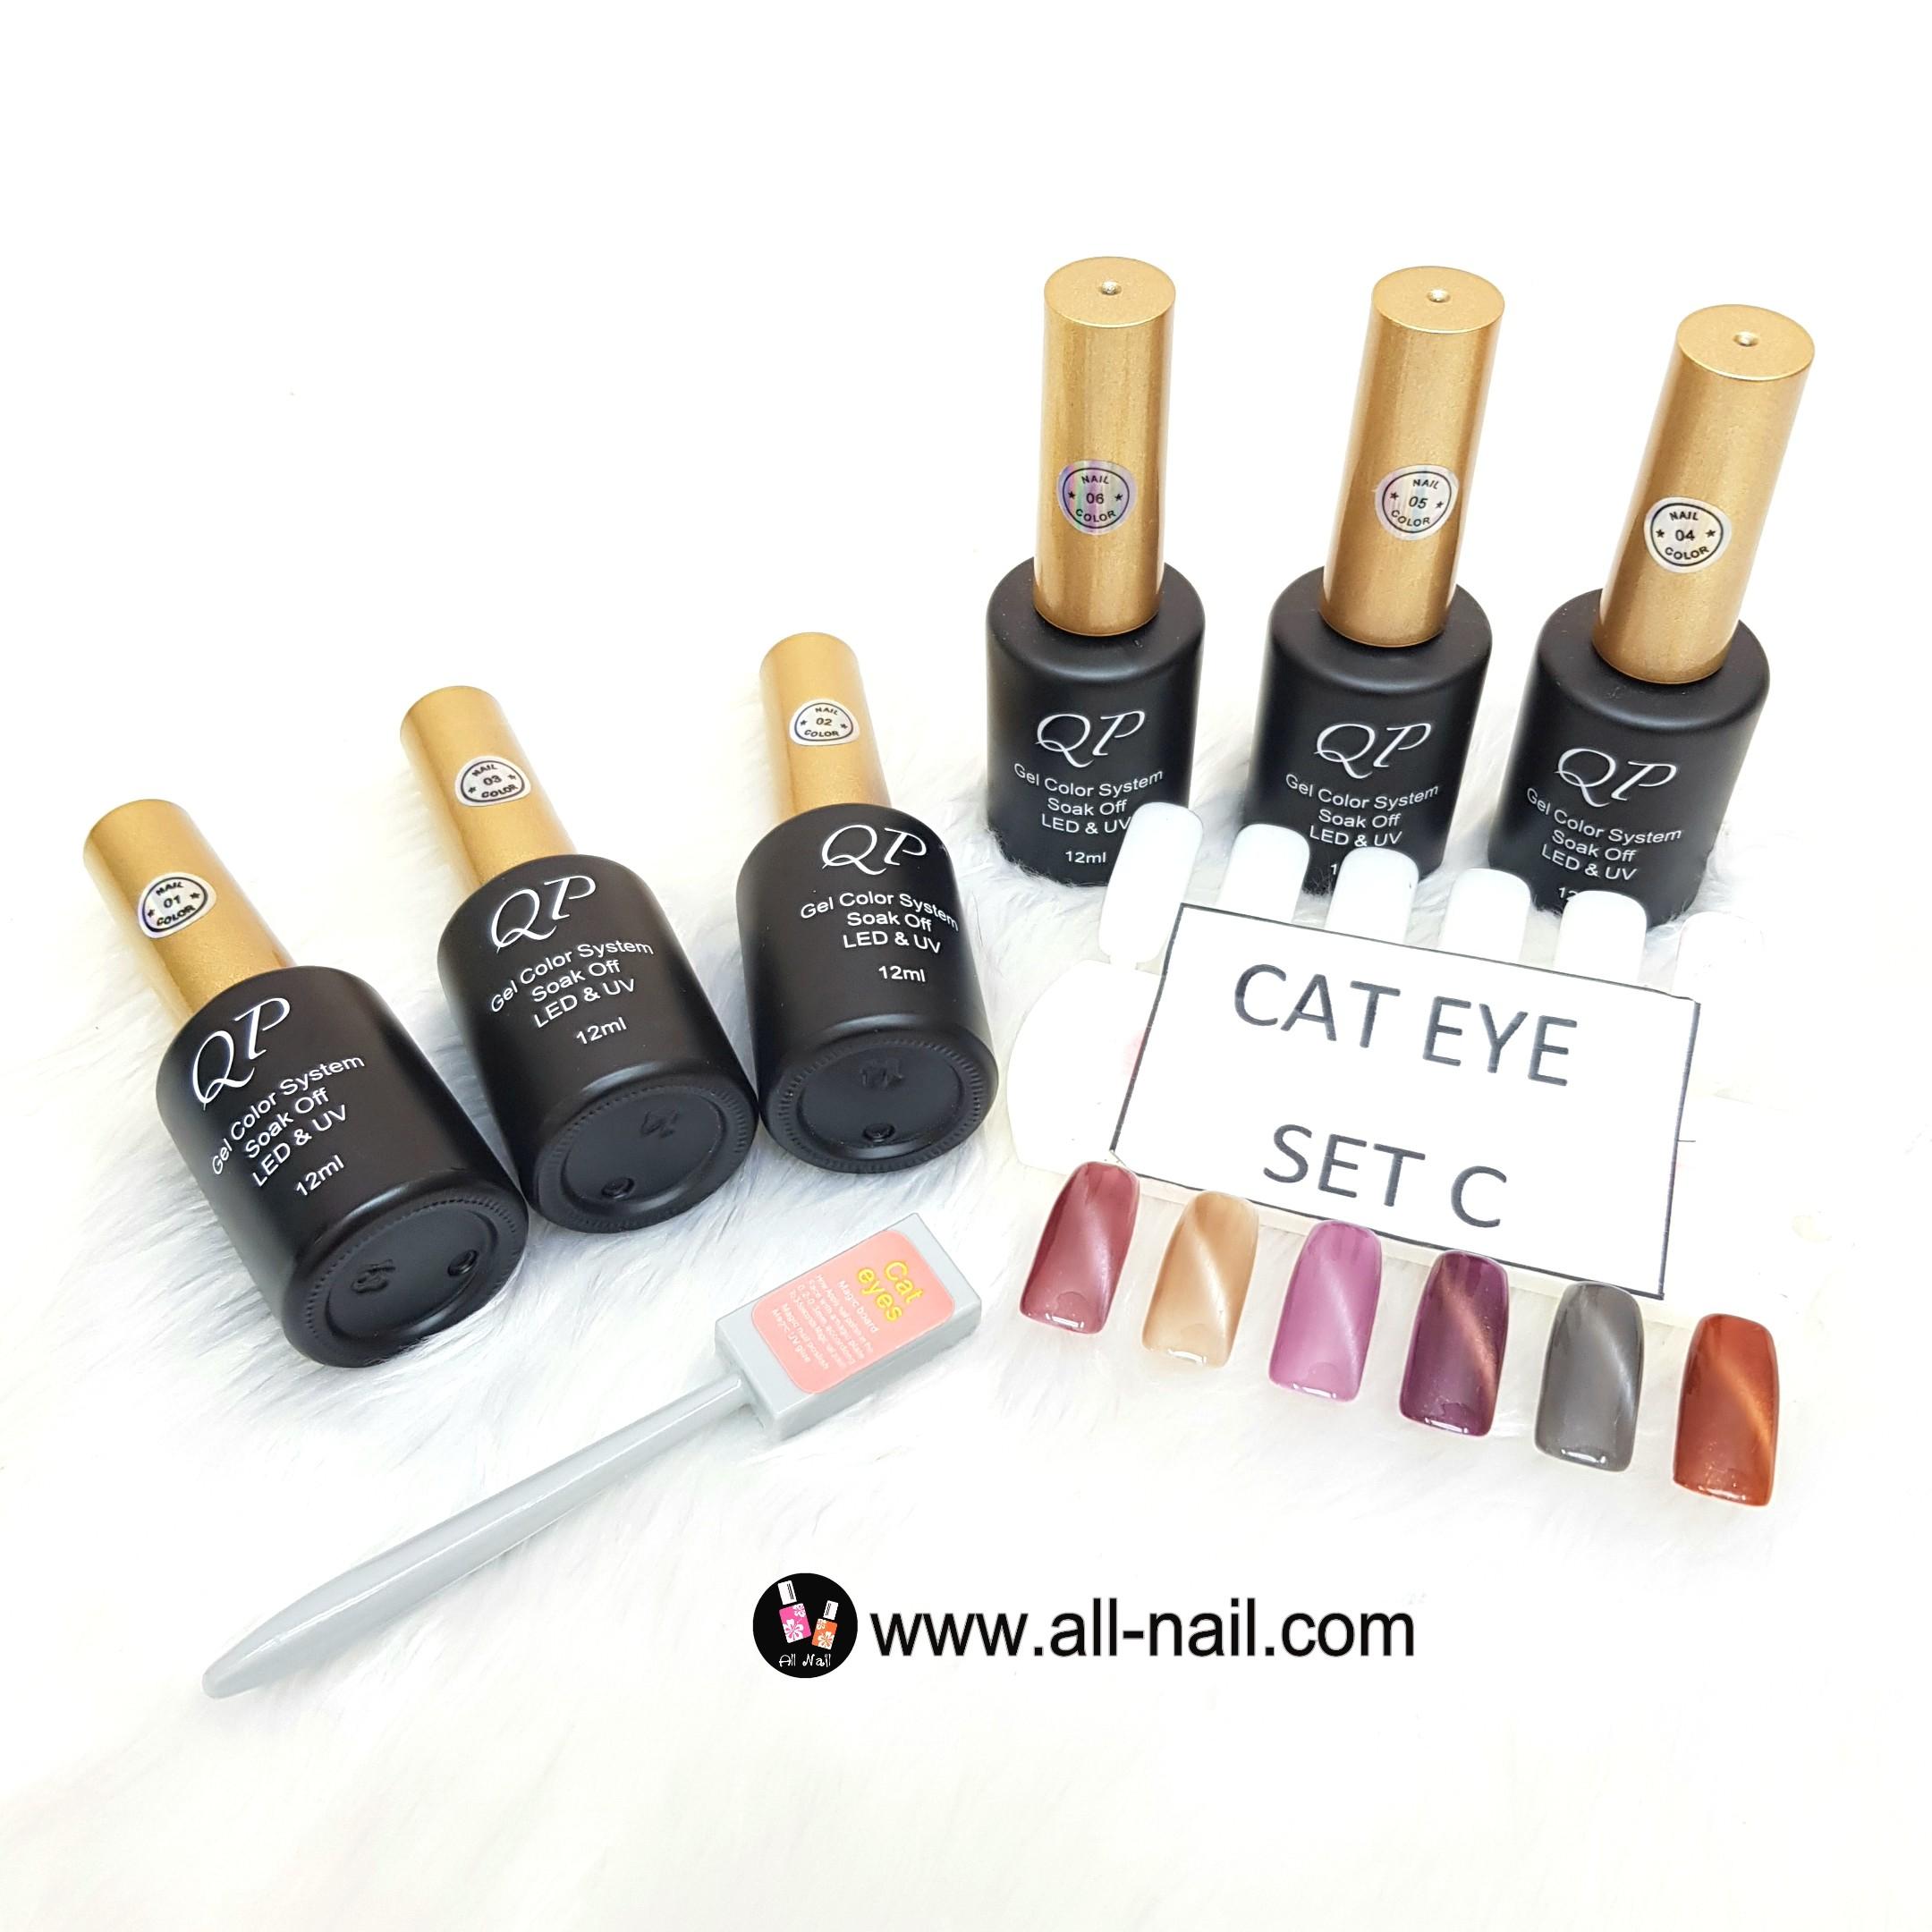 ชุดสีเจลCateye เซ็ทC (แม่เหล็ก ตาแมว)